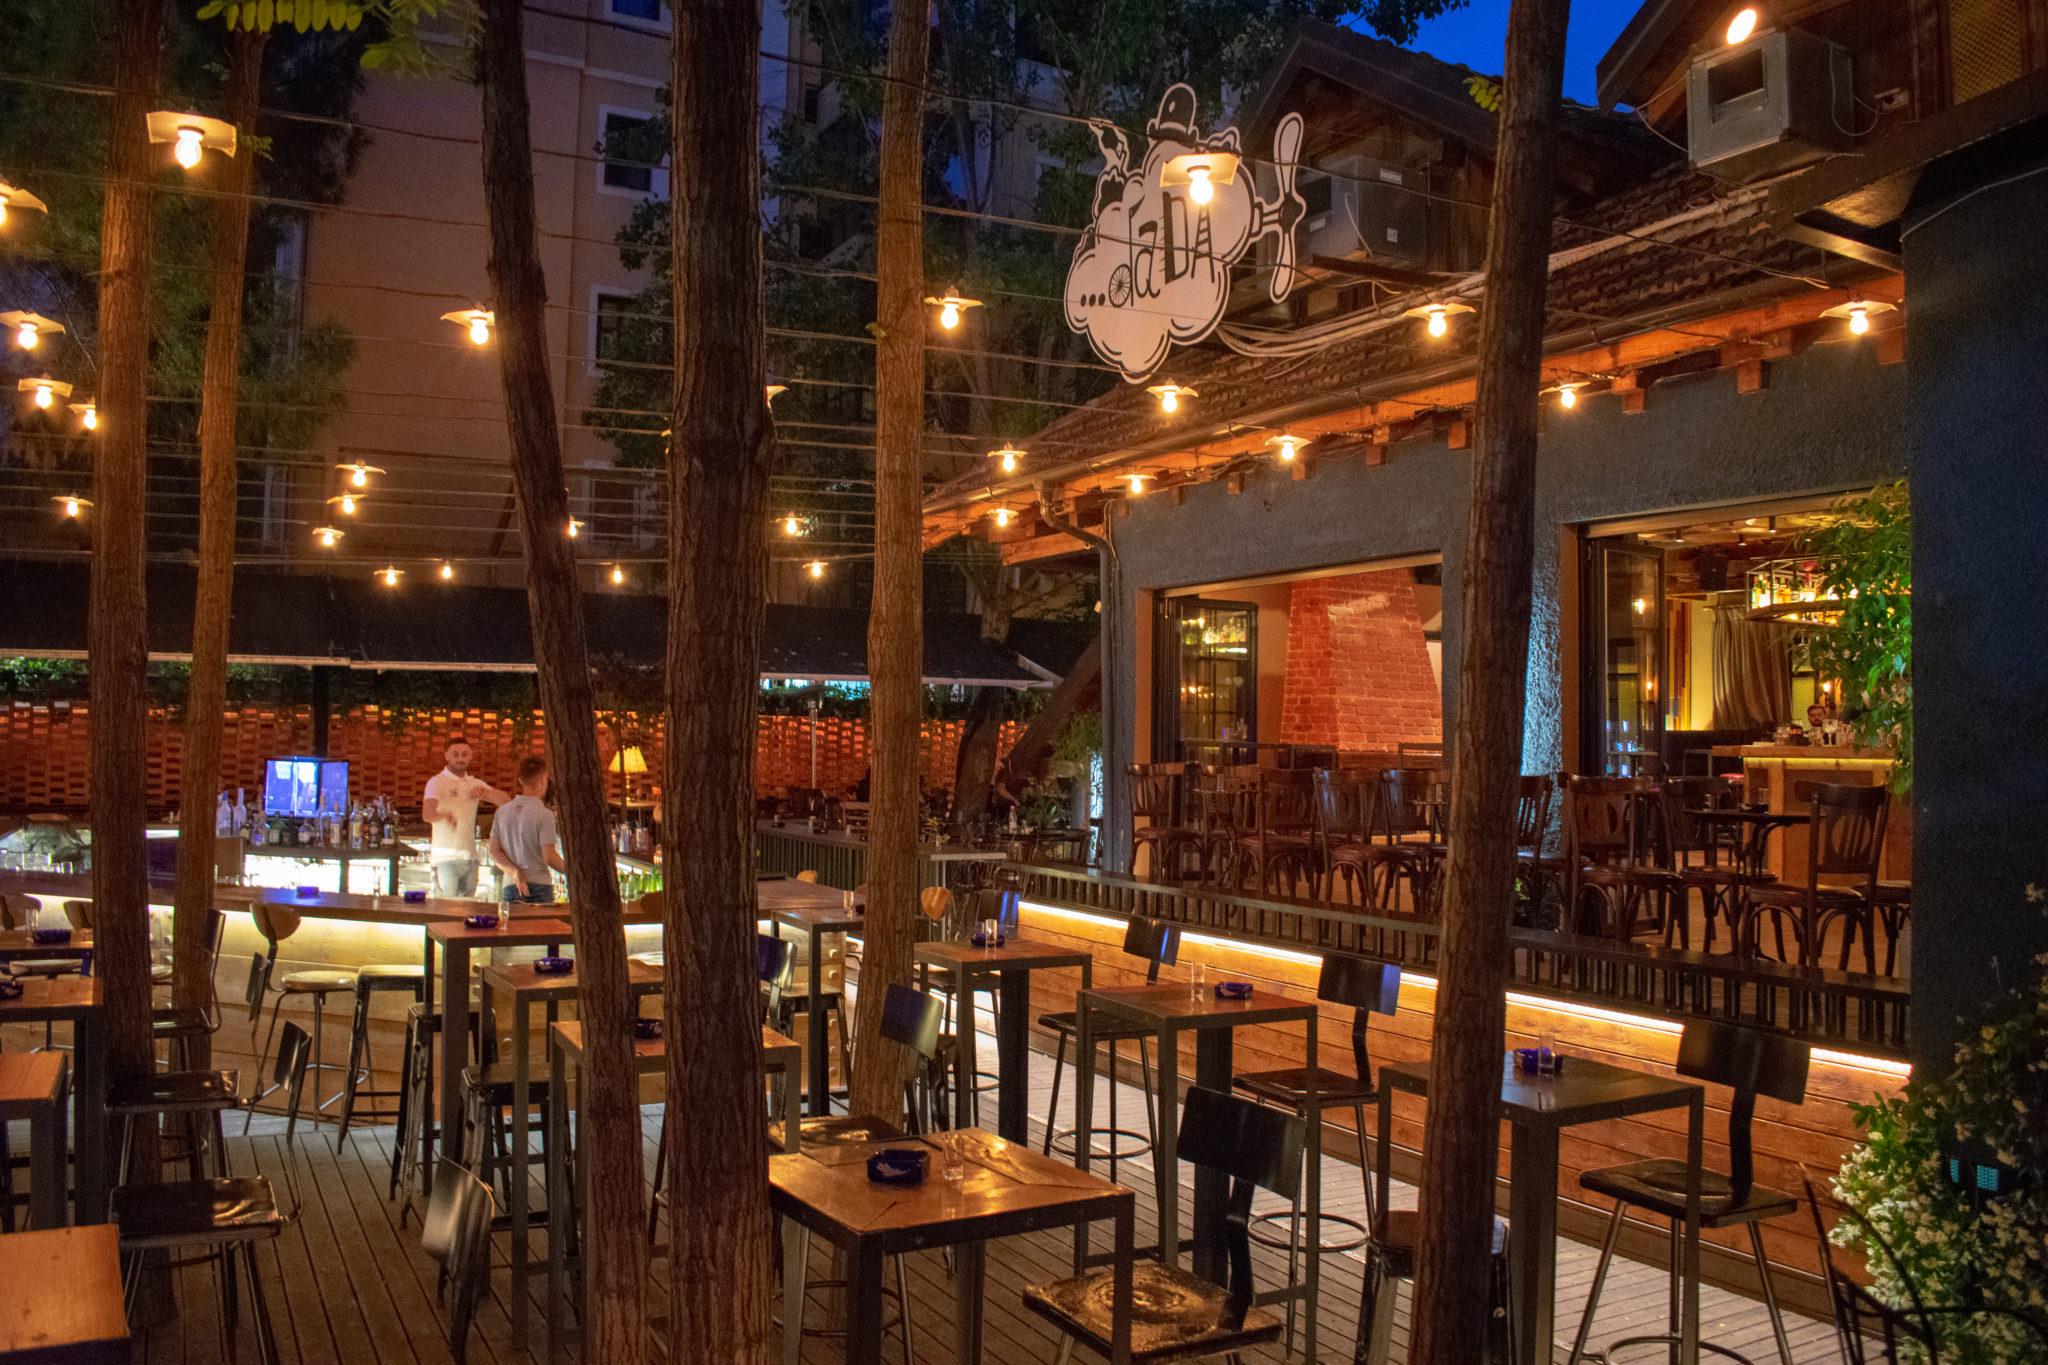 Dada Bar in Blloku, Tirana